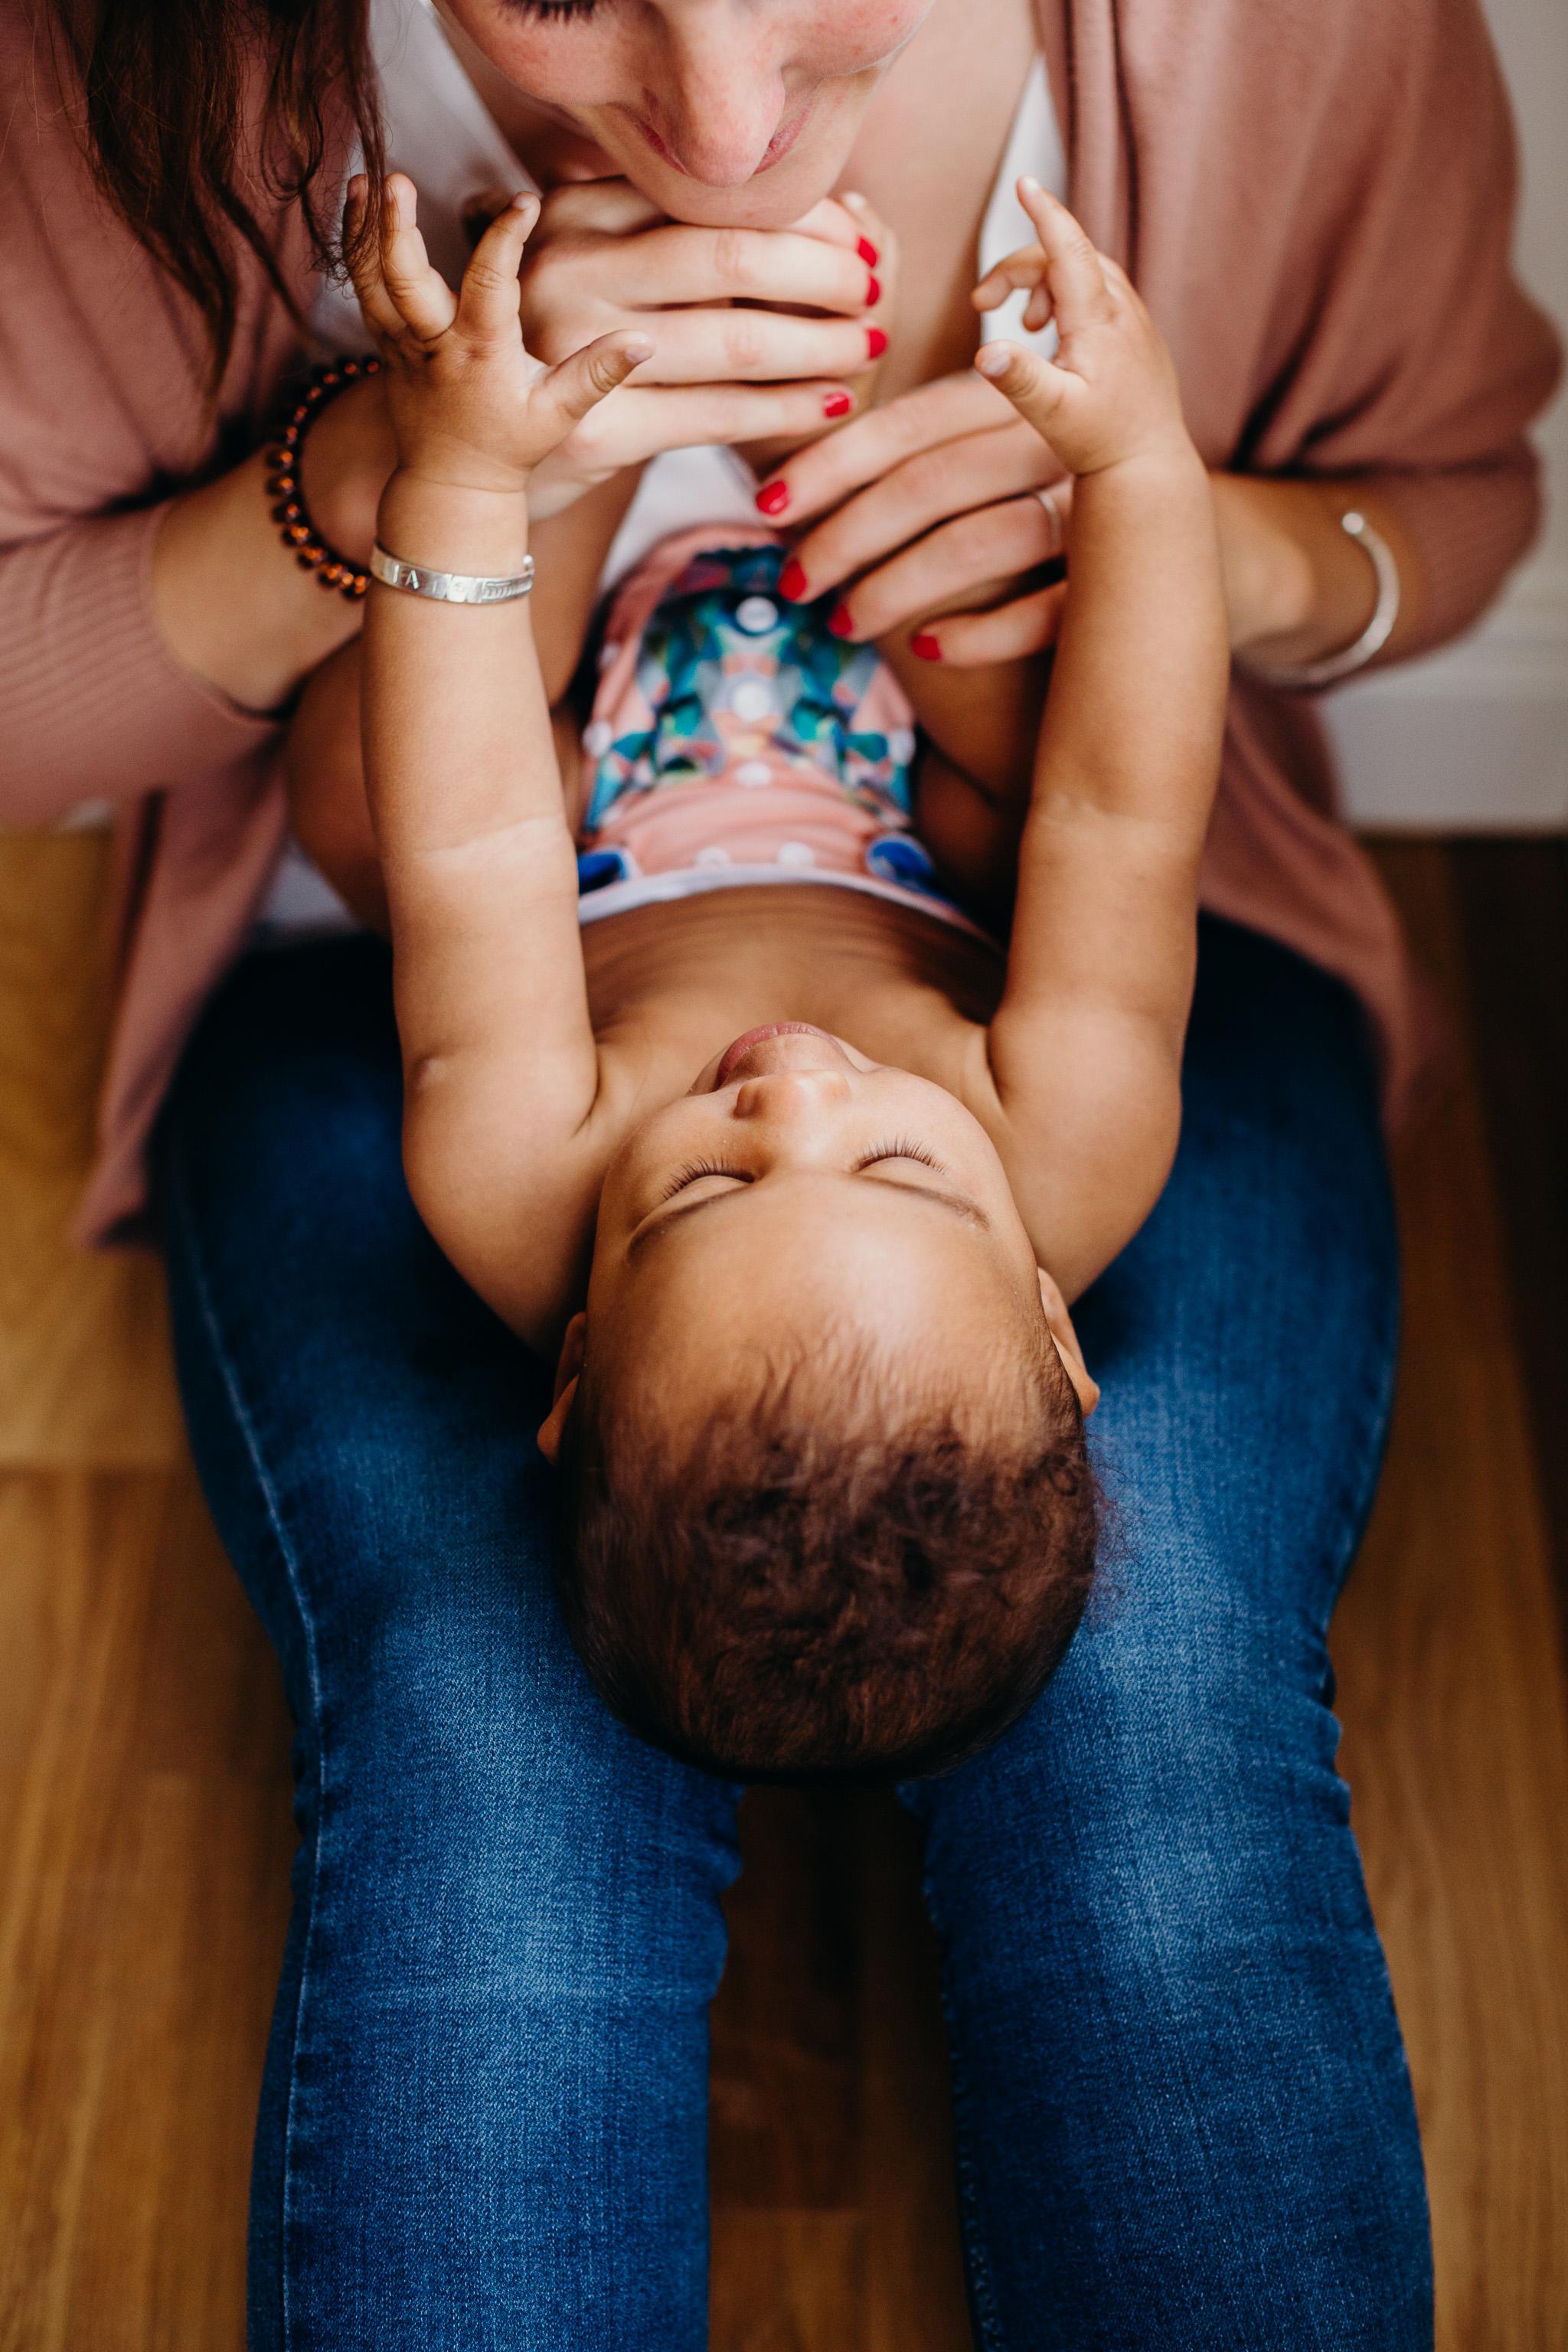 motherhood-baby-inhome-photoshoot-17.jpg